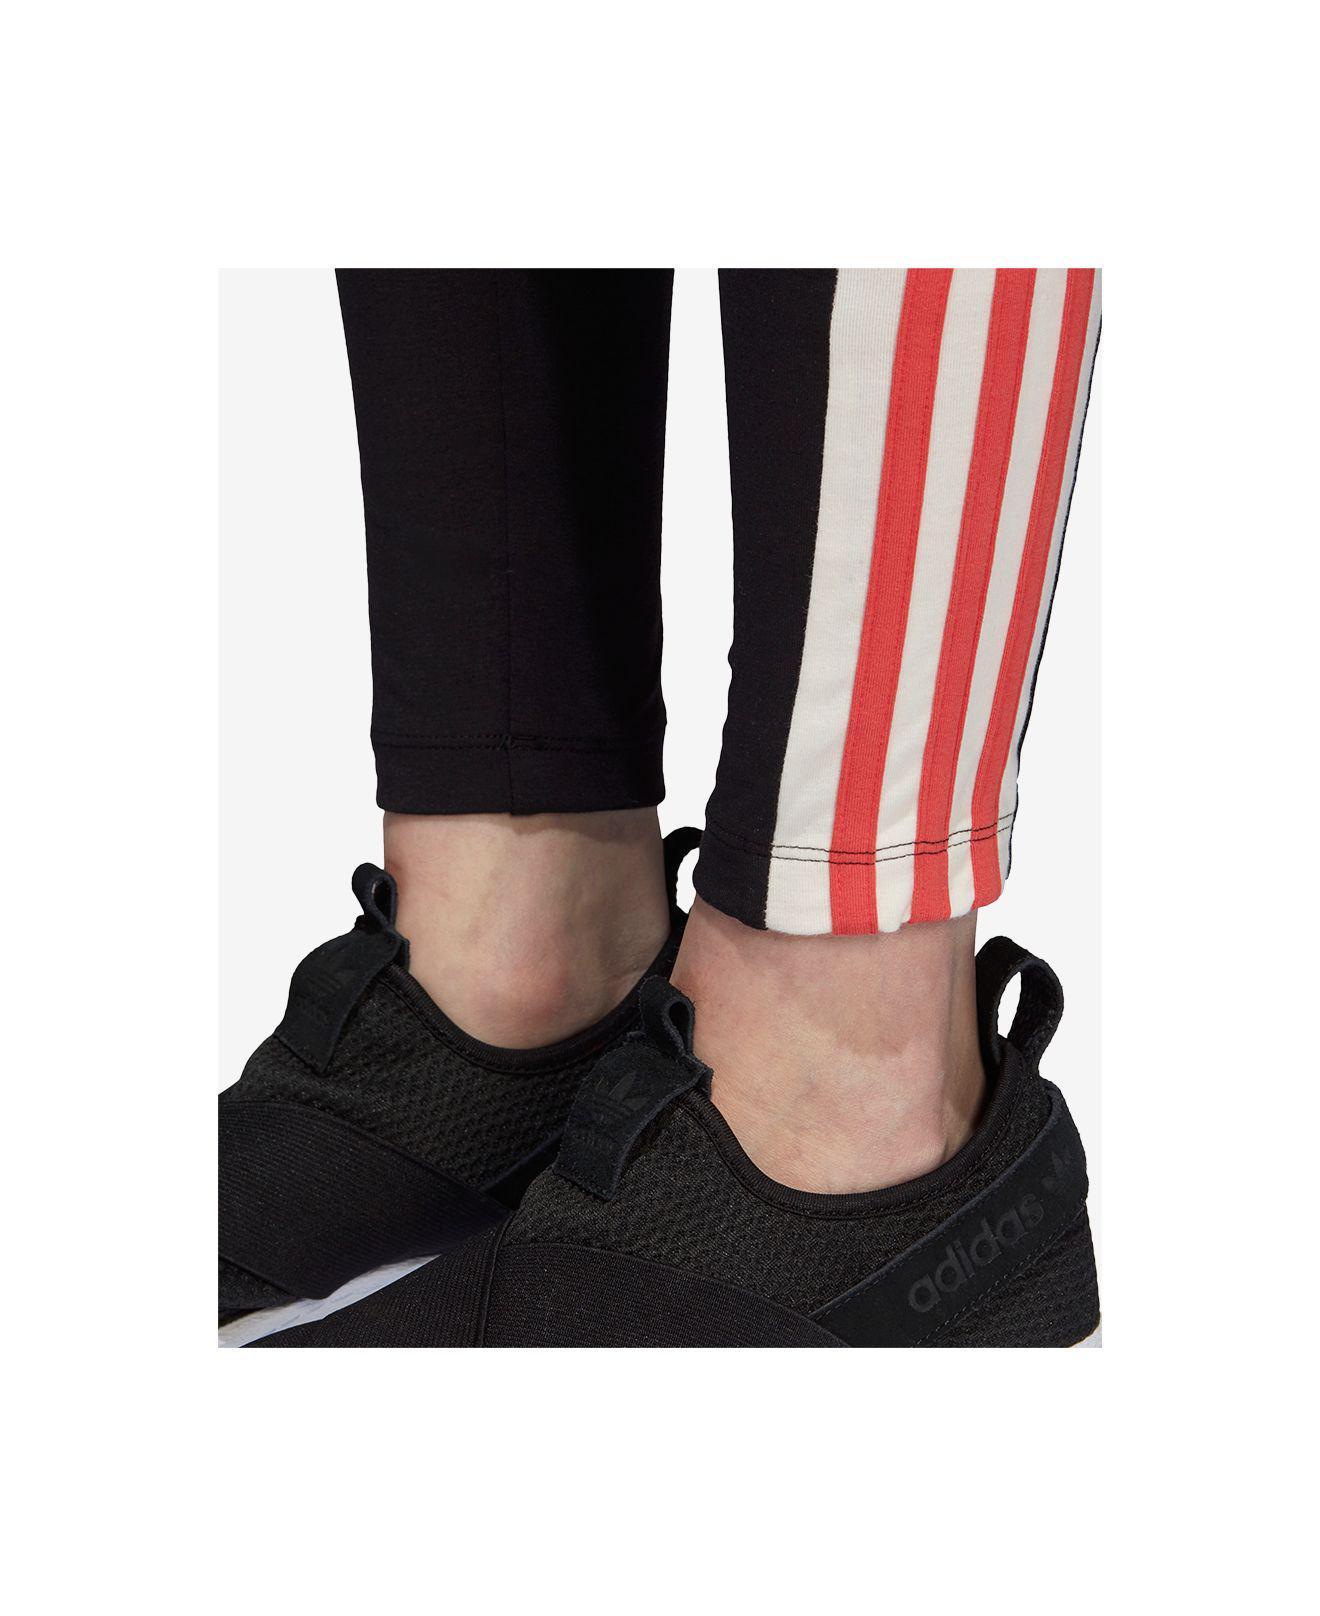 Lyst Adidas Originals Adibreak Leggings In Black Adicolor Case Iphone X View Fullscreen